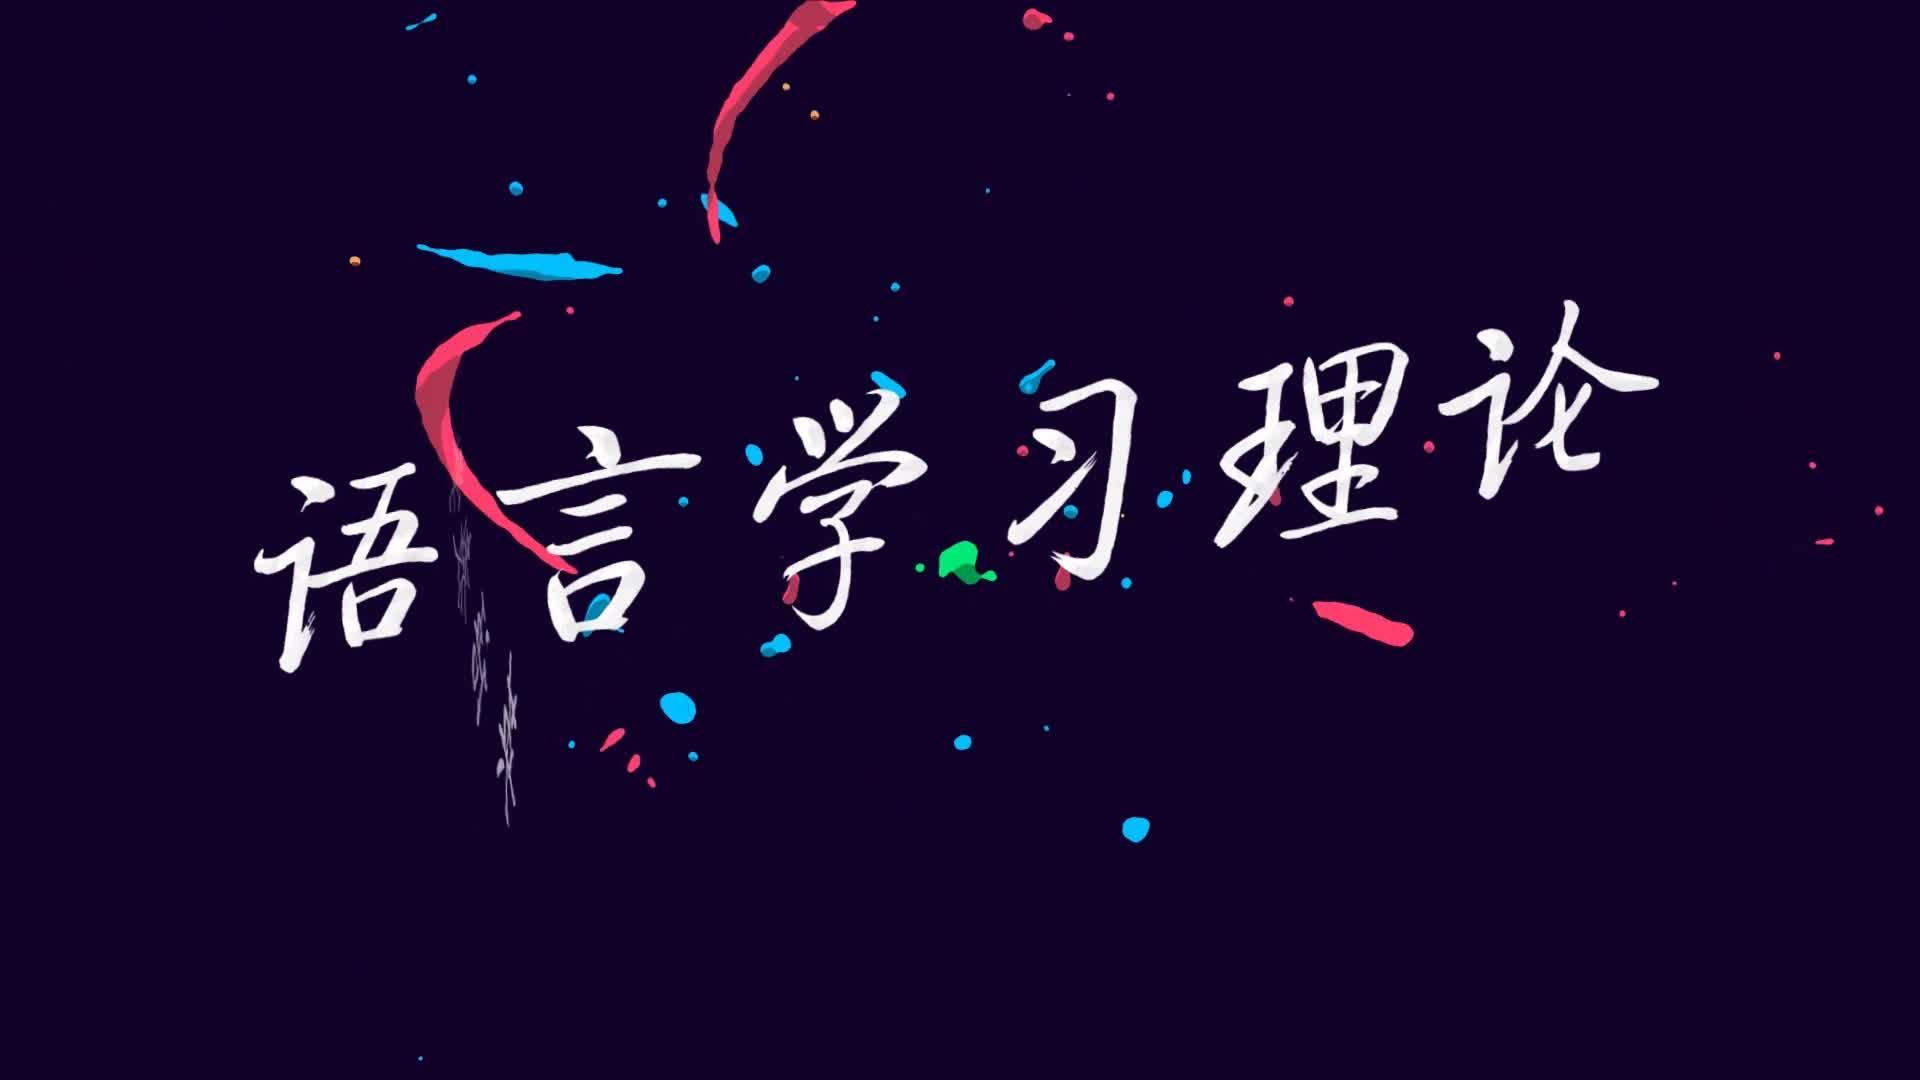 89 北京师范大学 英语专业 余辰辰孙雯王靖凯蒋蓉